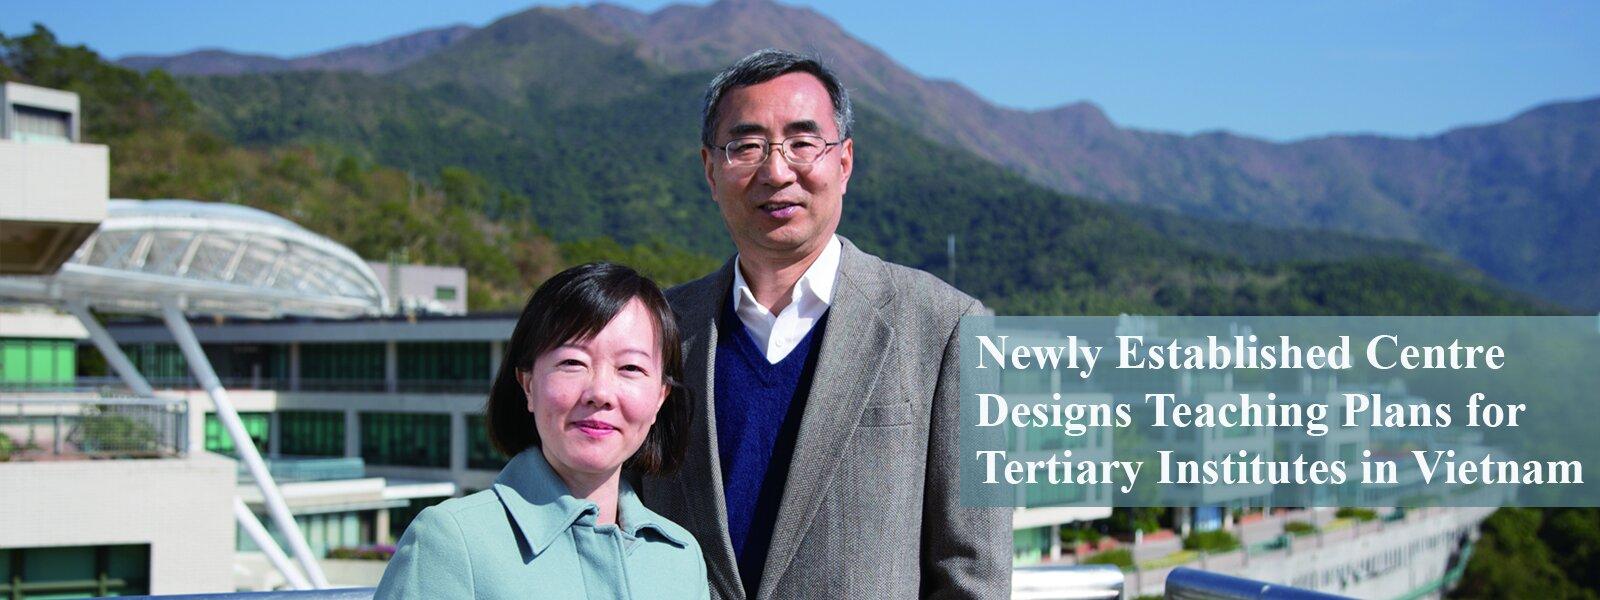 新成立研究中心 為越南高校設計漢語教案